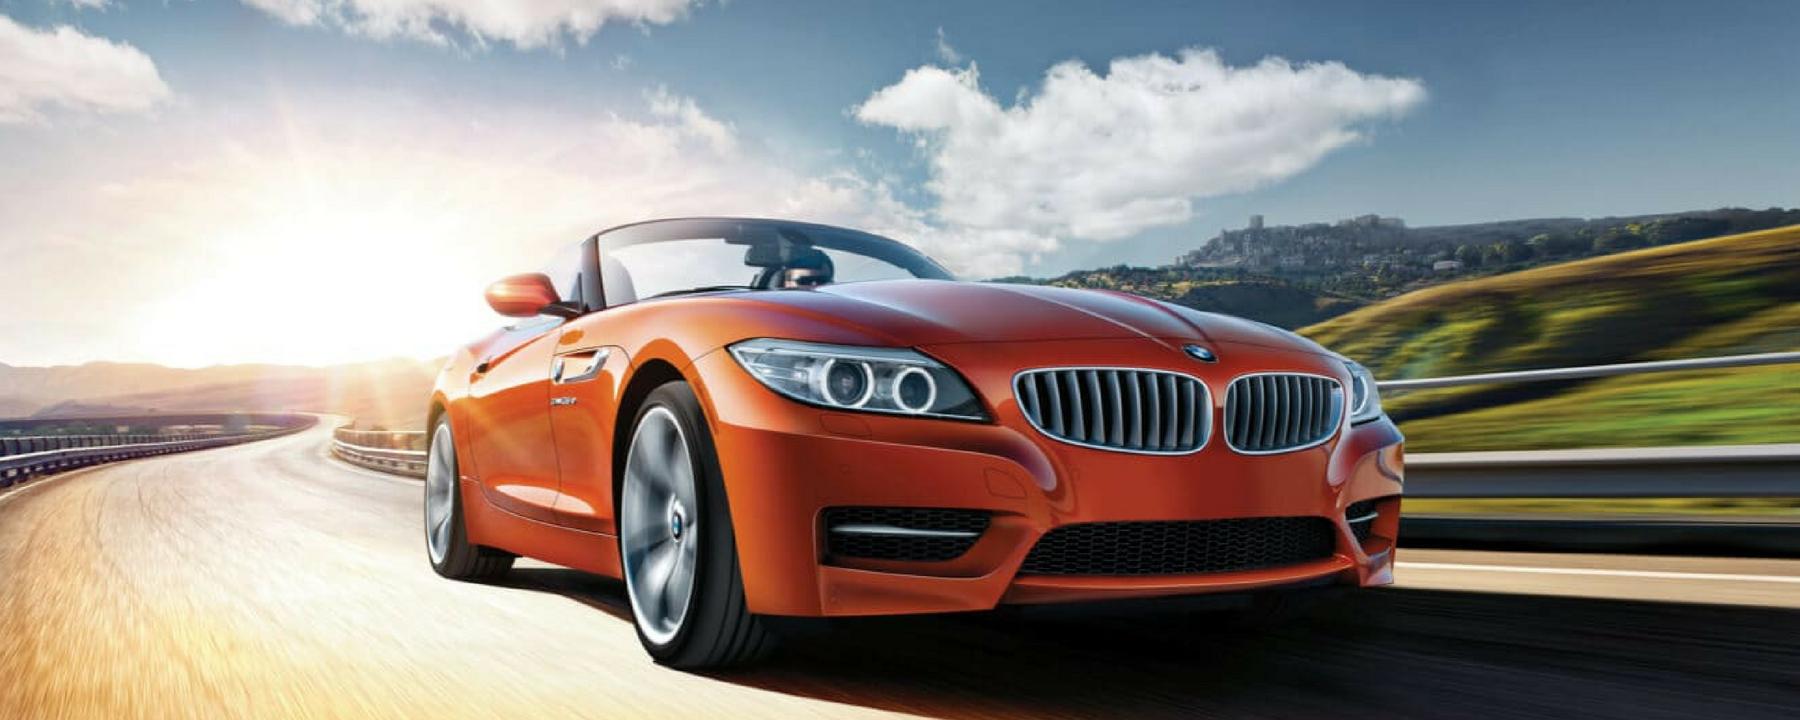 BMW_Z4_Convertible_2018